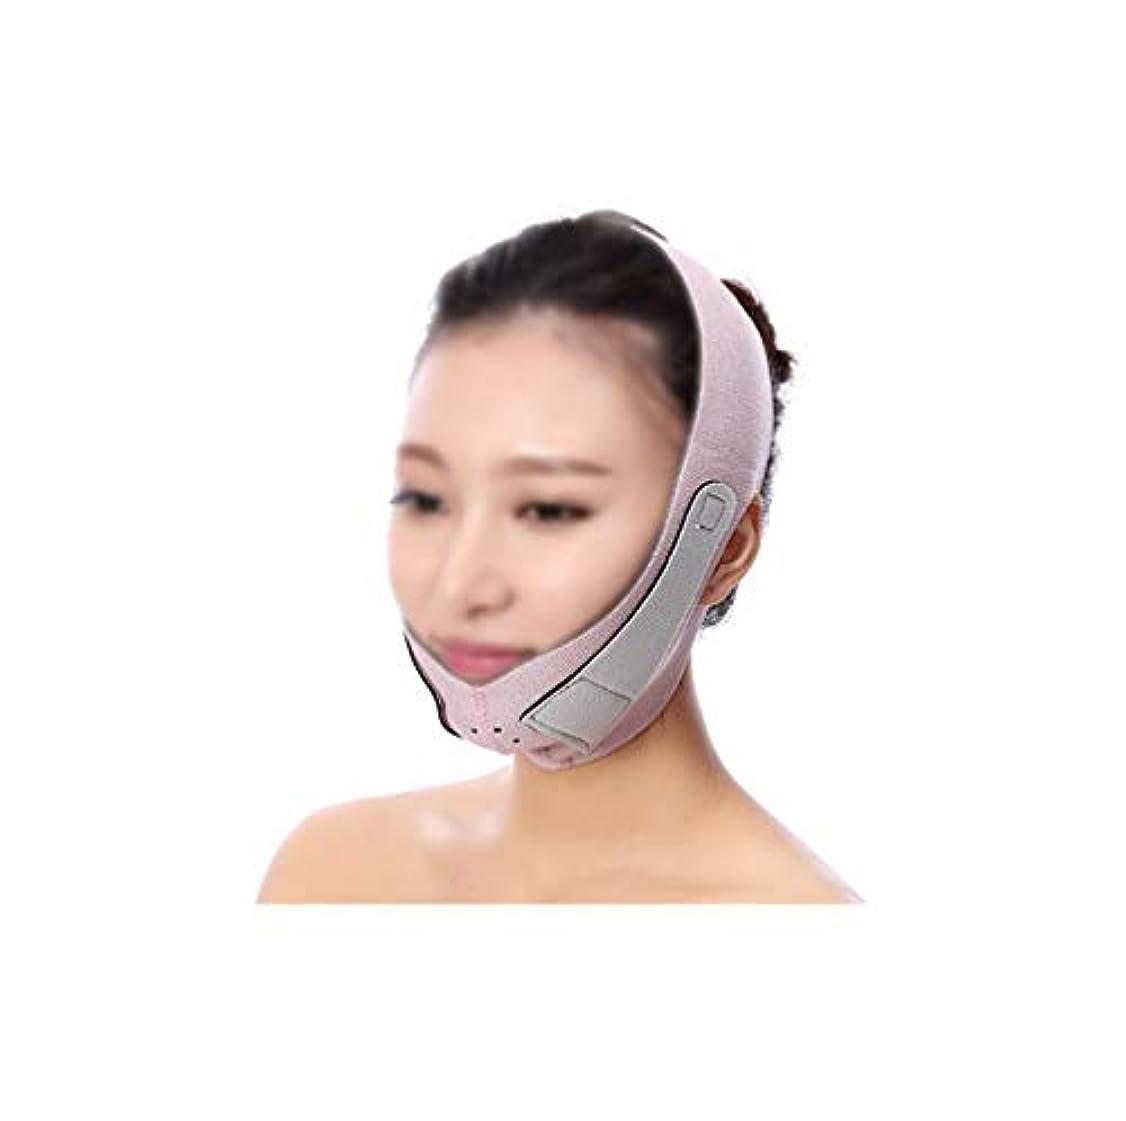 下る日望みTLMY 薄い顔マスクあごストラップ回復包帯小さなV顔薄い顔アーティファクト睡眠強力なマスクフェイスリフティング包帯フェイシャルリフティングダブルチンリフティング引き締め 顔用整形マスク